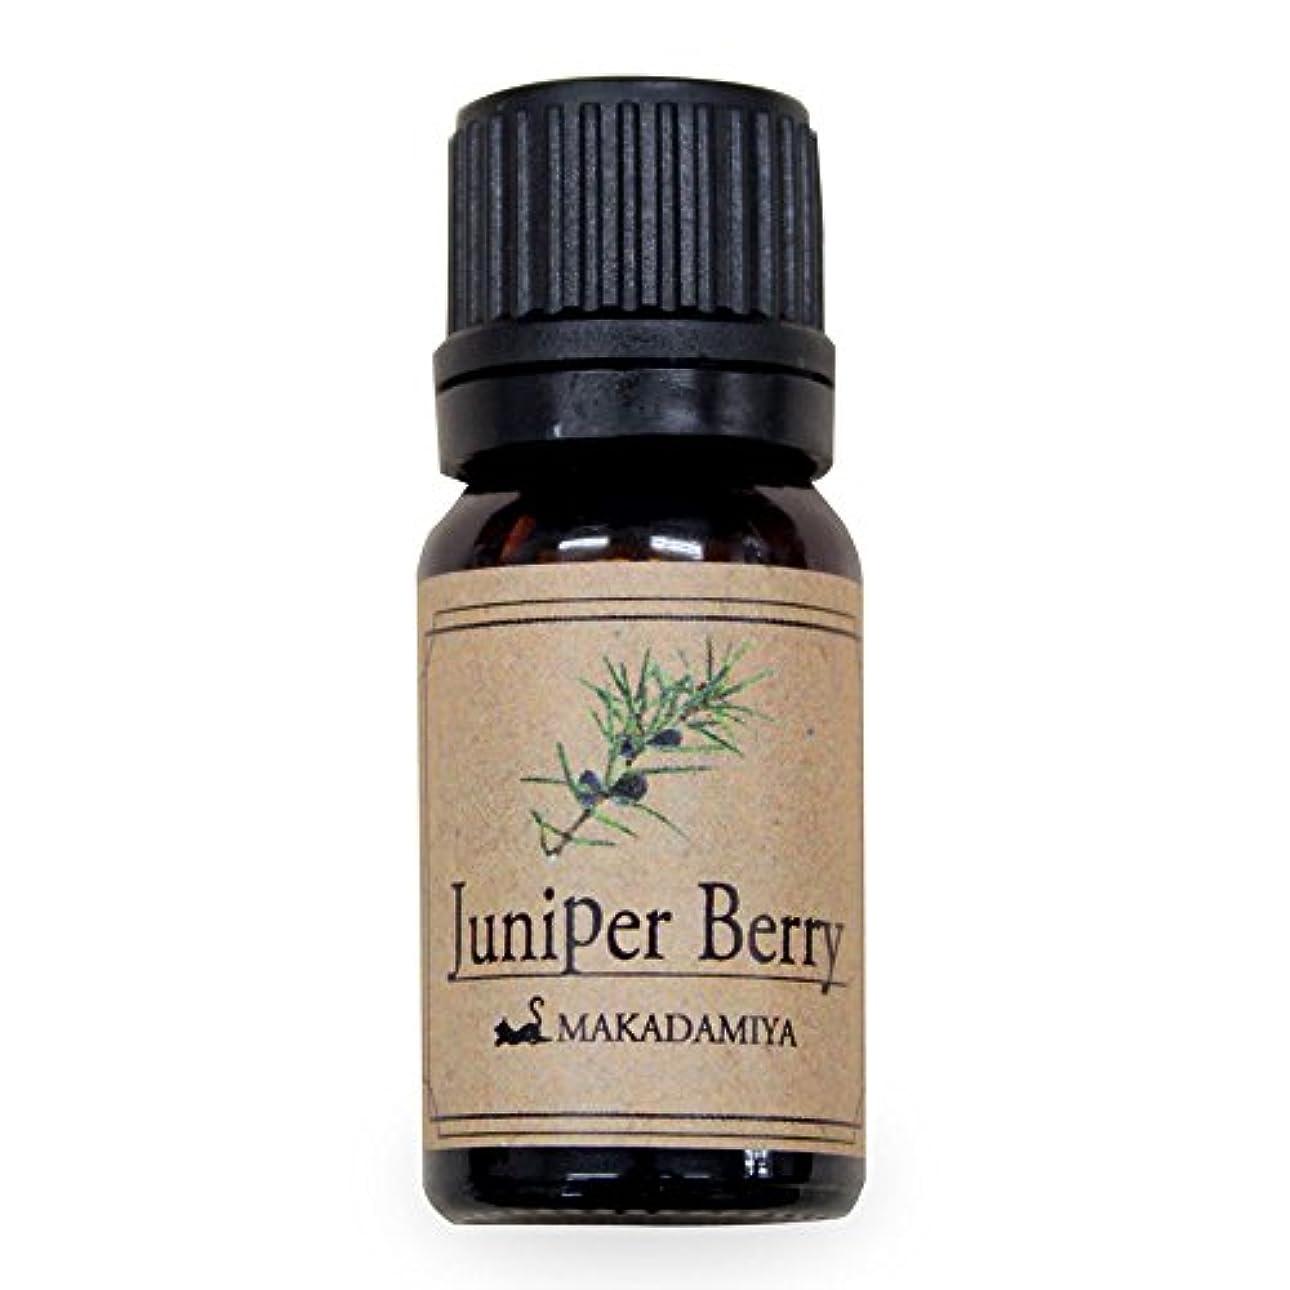 避けられない革命的子供時代ジュニパーベリー10ml 天然100%植物性 エッセンシャルオイル(精油) アロマオイル アロママッサージ aroma Junipe Berry